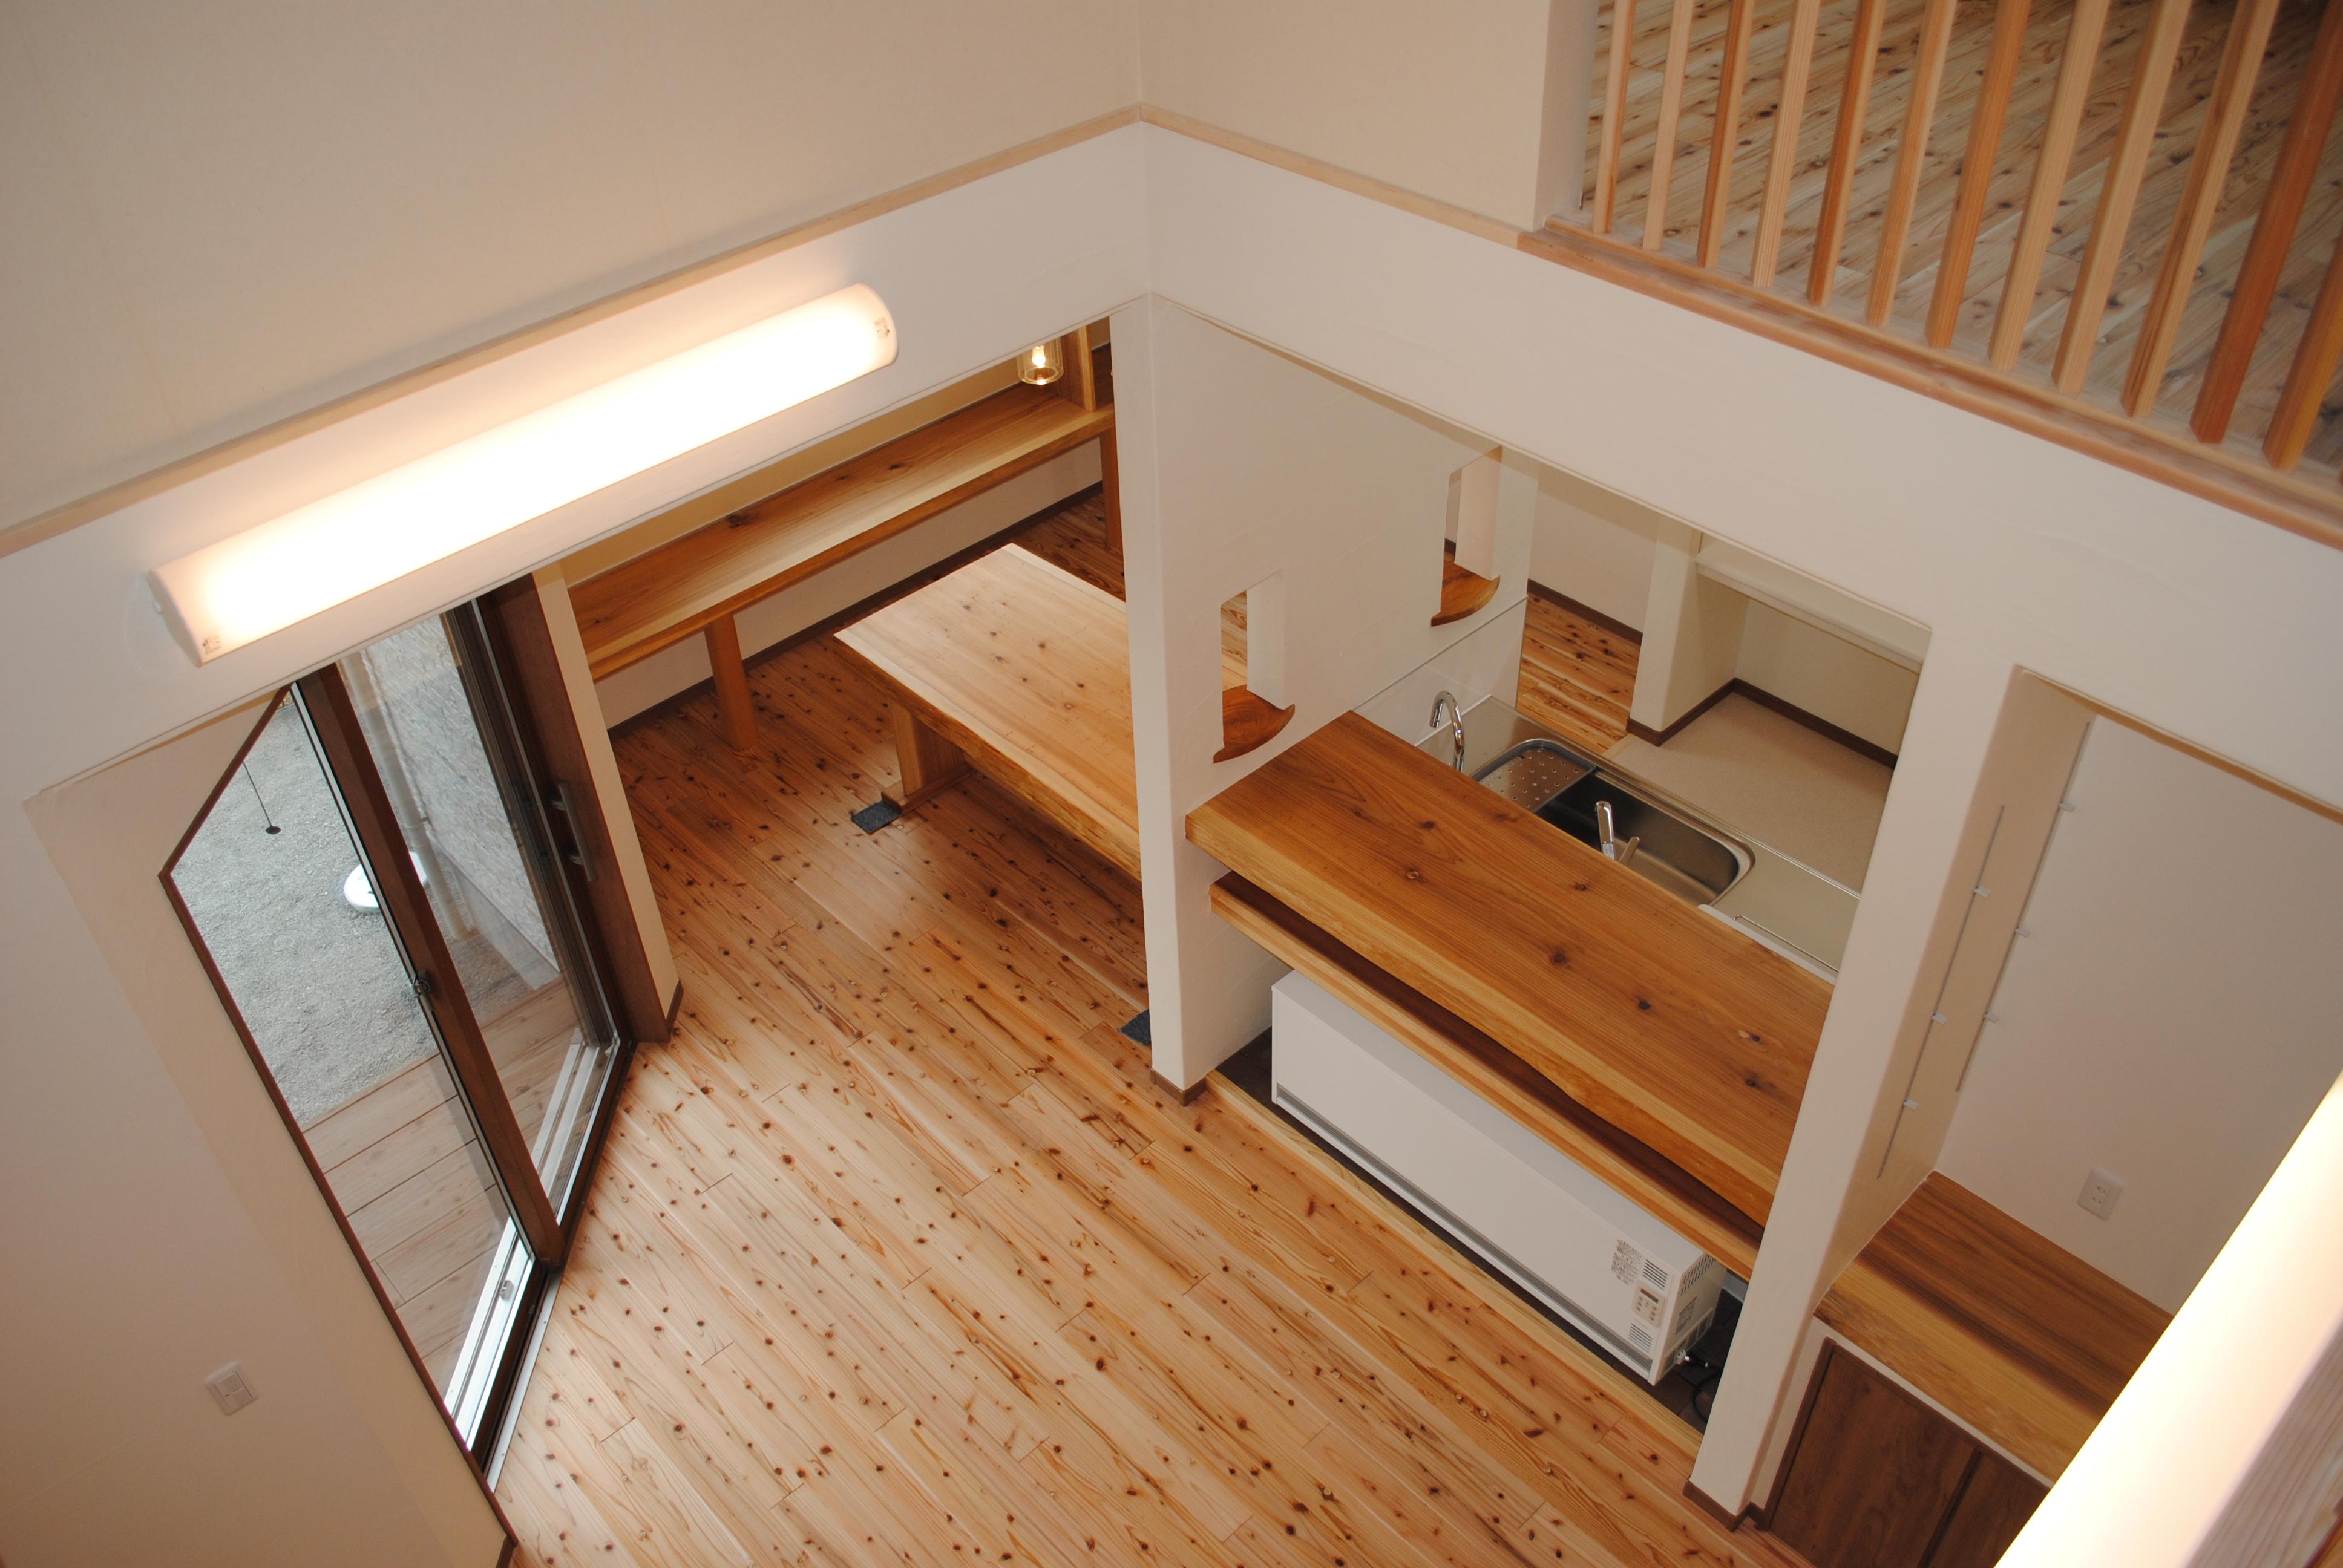 天井が高く、明るいダイニングスペース、無垢のフローリングと漆喰の壁は心身をリフレッシュ